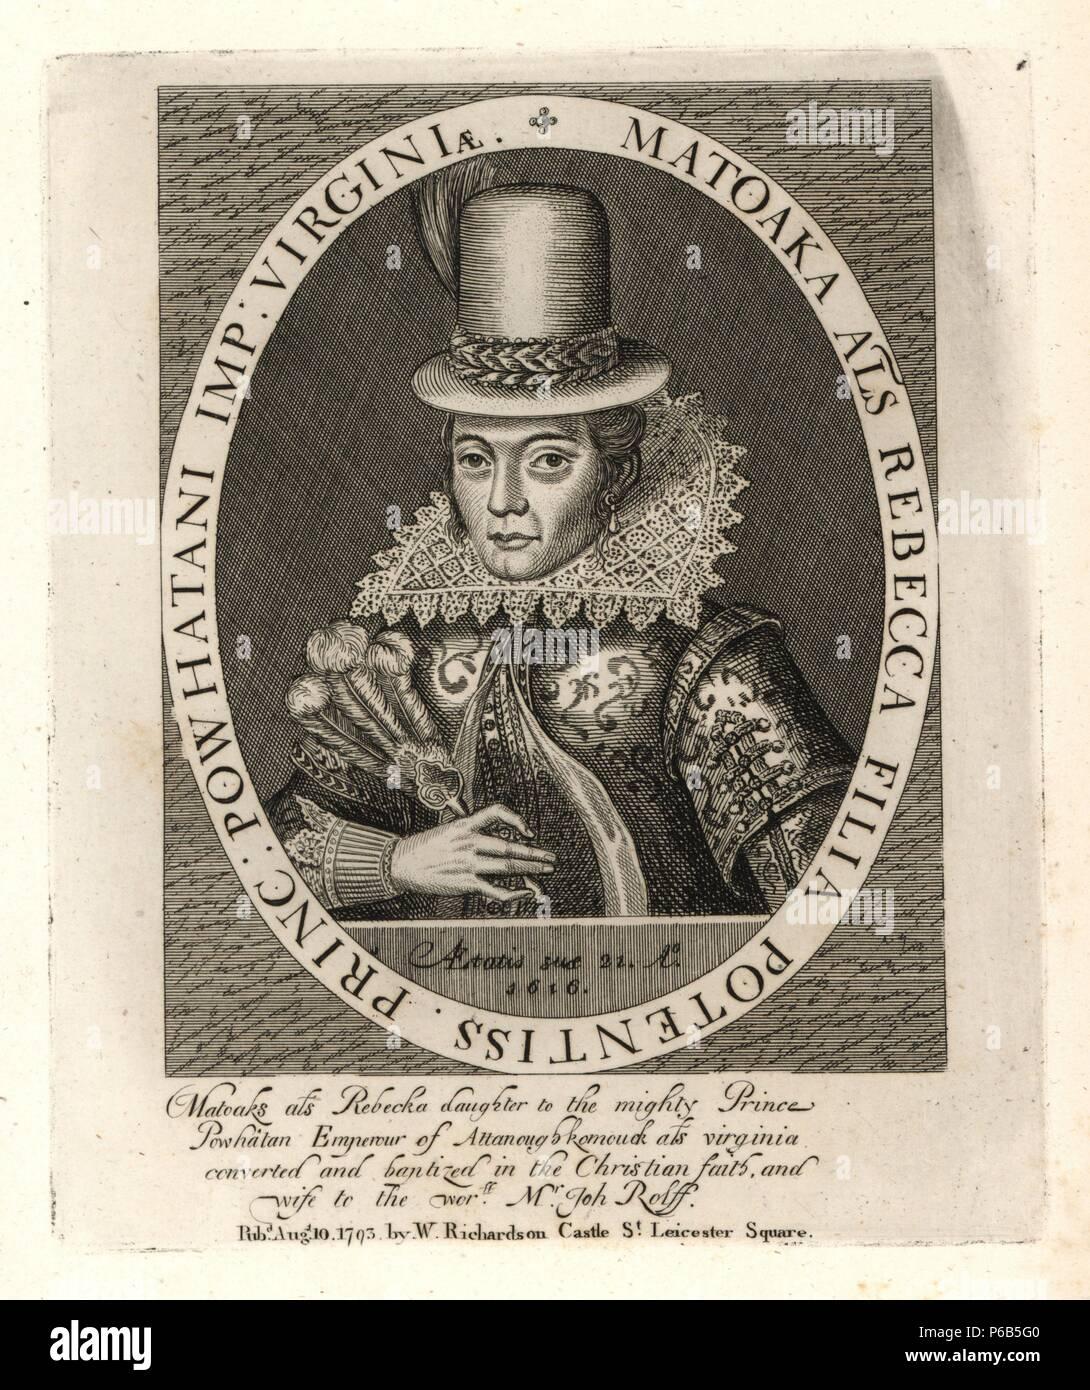 """Matoaka, Pocahontas, poi Rebecca Rolfe, figlia del possente Powharan, Imperatore di Attanoughkomouck, o Virginia e moglie di John Rolfe, morì 1617. Da un curioso stampare da Simon de passe in Smith è """"la storia di Virginia.' incisione su rame da Richardson """"Ritratti che illustra Granger biografico della storia dell'Inghilterra"""", London, 1792-1812. Pubblicato da William Richardson, printseller, Londra. James Granger (1723-1776) era un ecclesiastico inglese, biografo e collezionista di stampa. Foto Stock"""